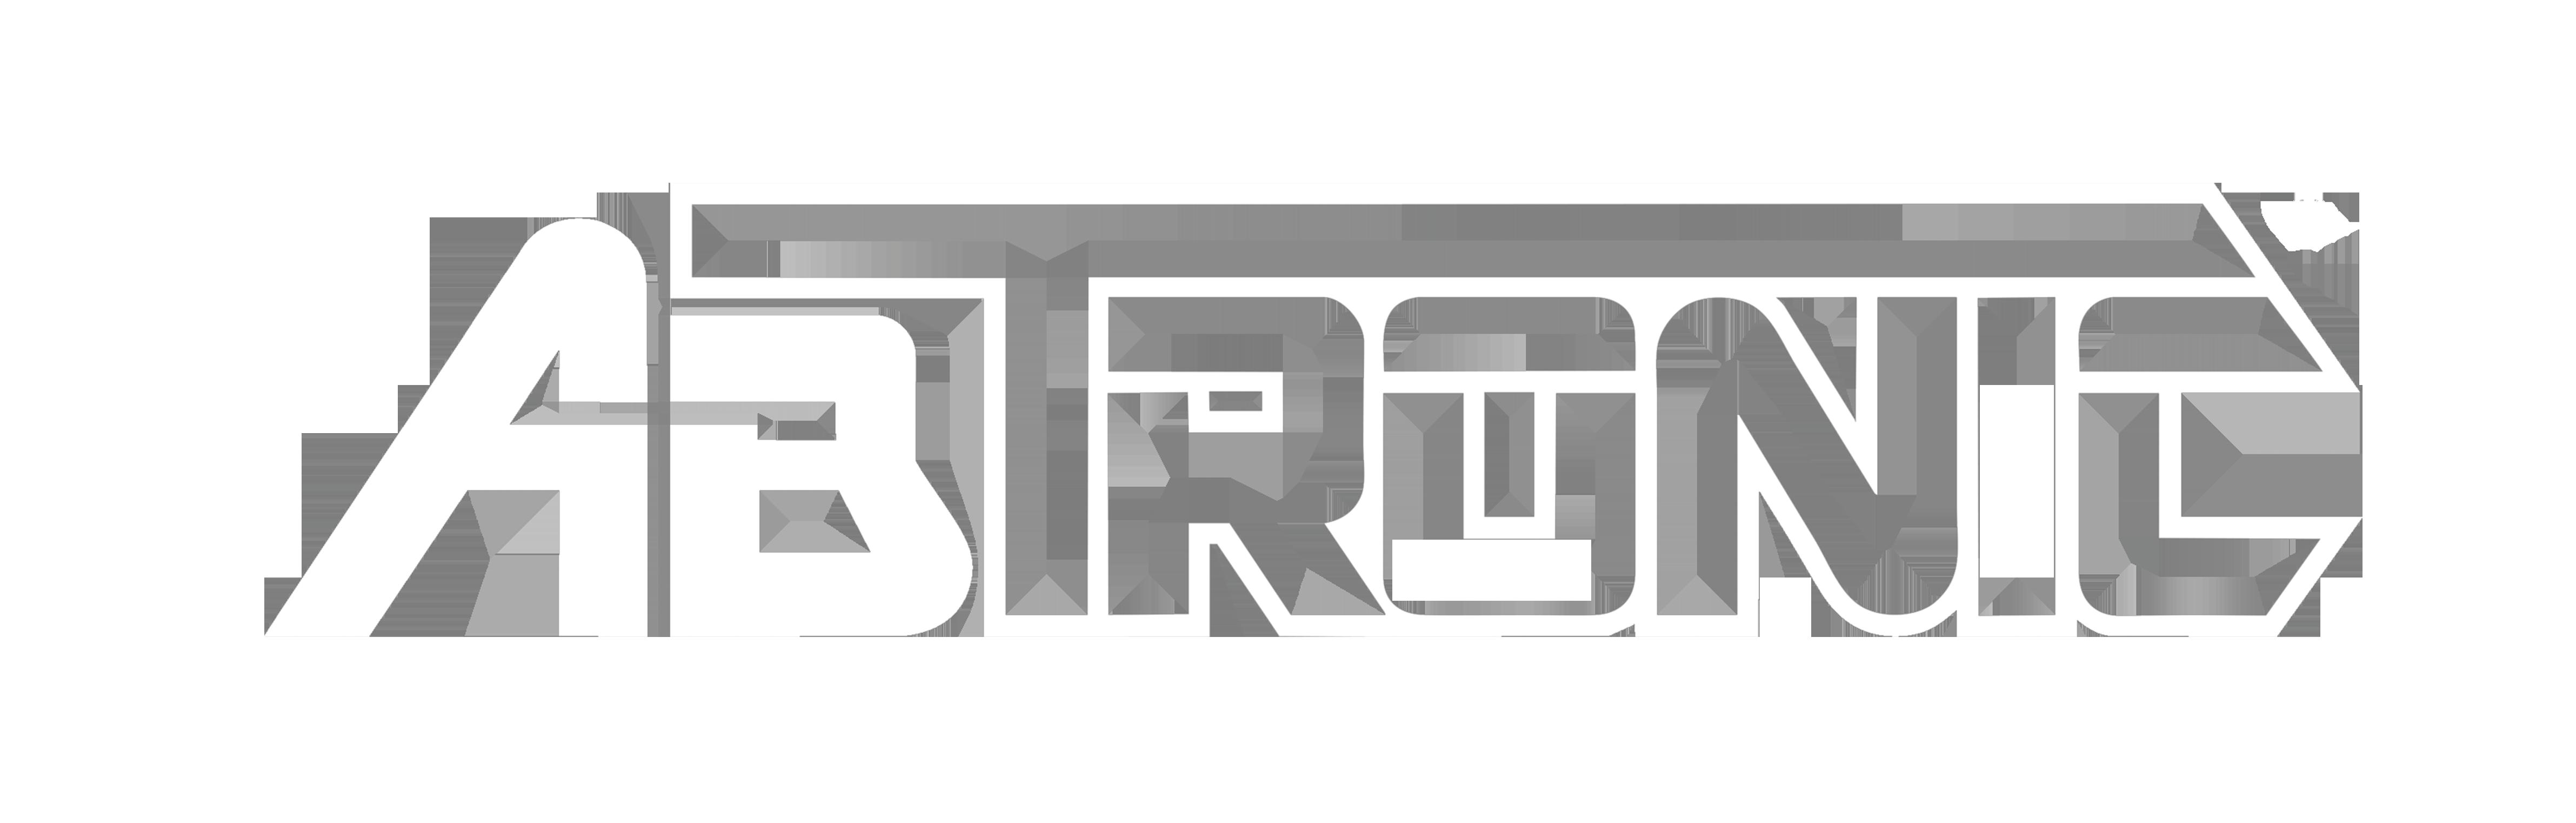 アブトロニック 【ABTRONIC】l公式サイト